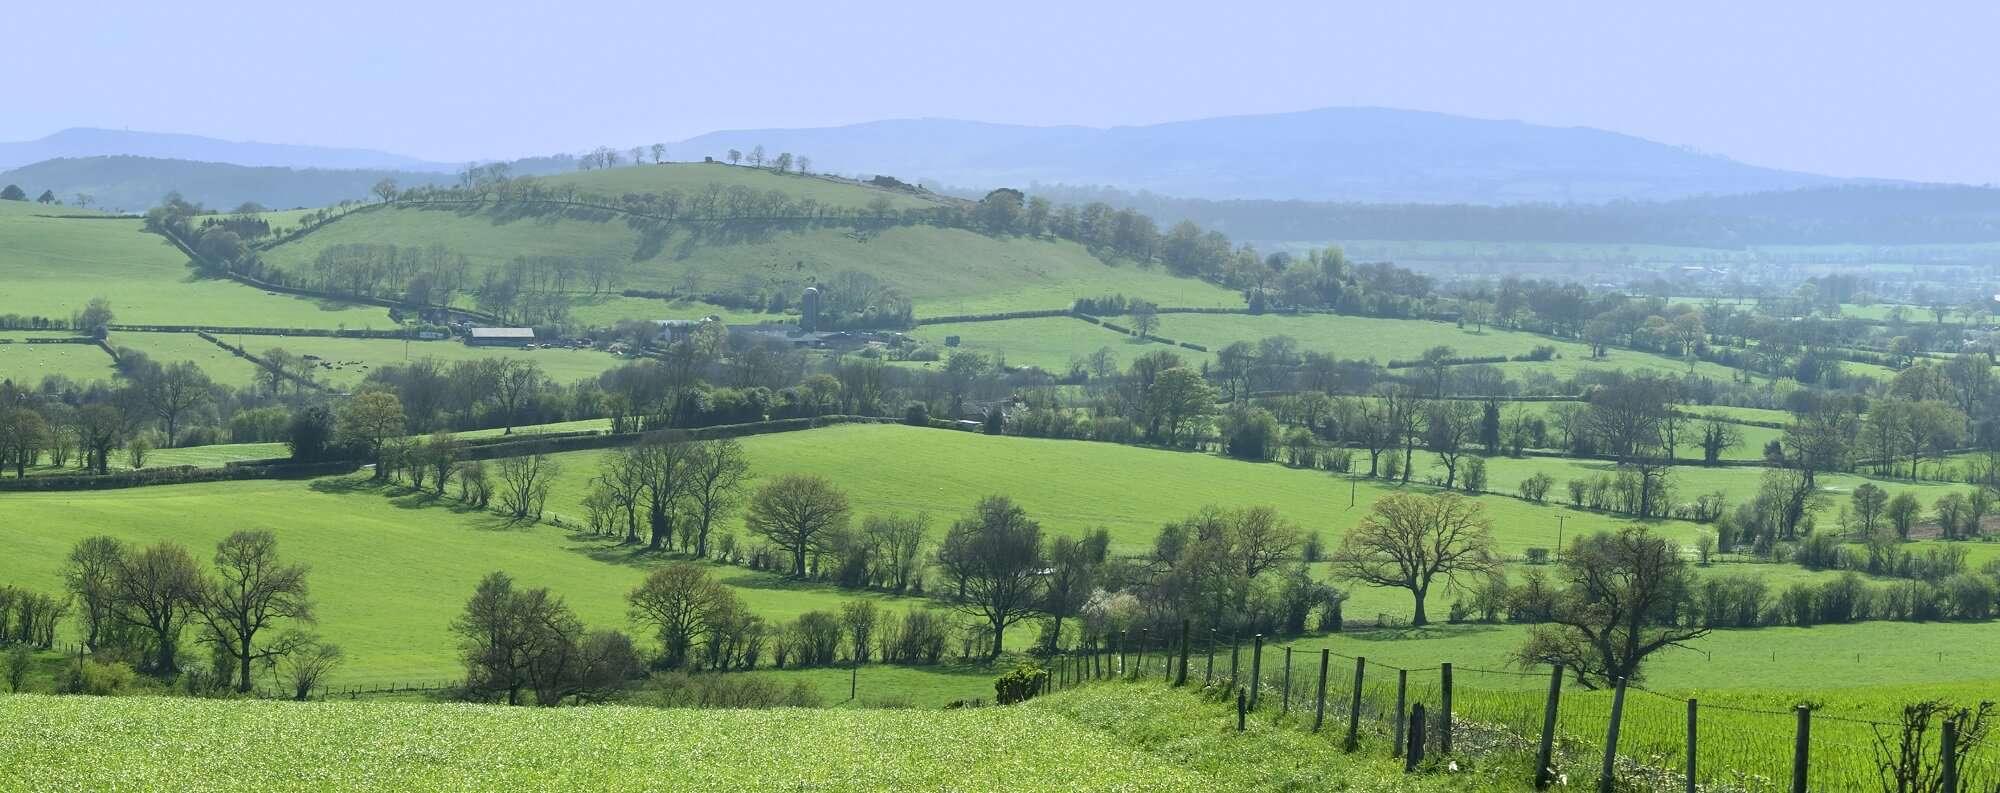 Shropshire hills Walkng Holidays